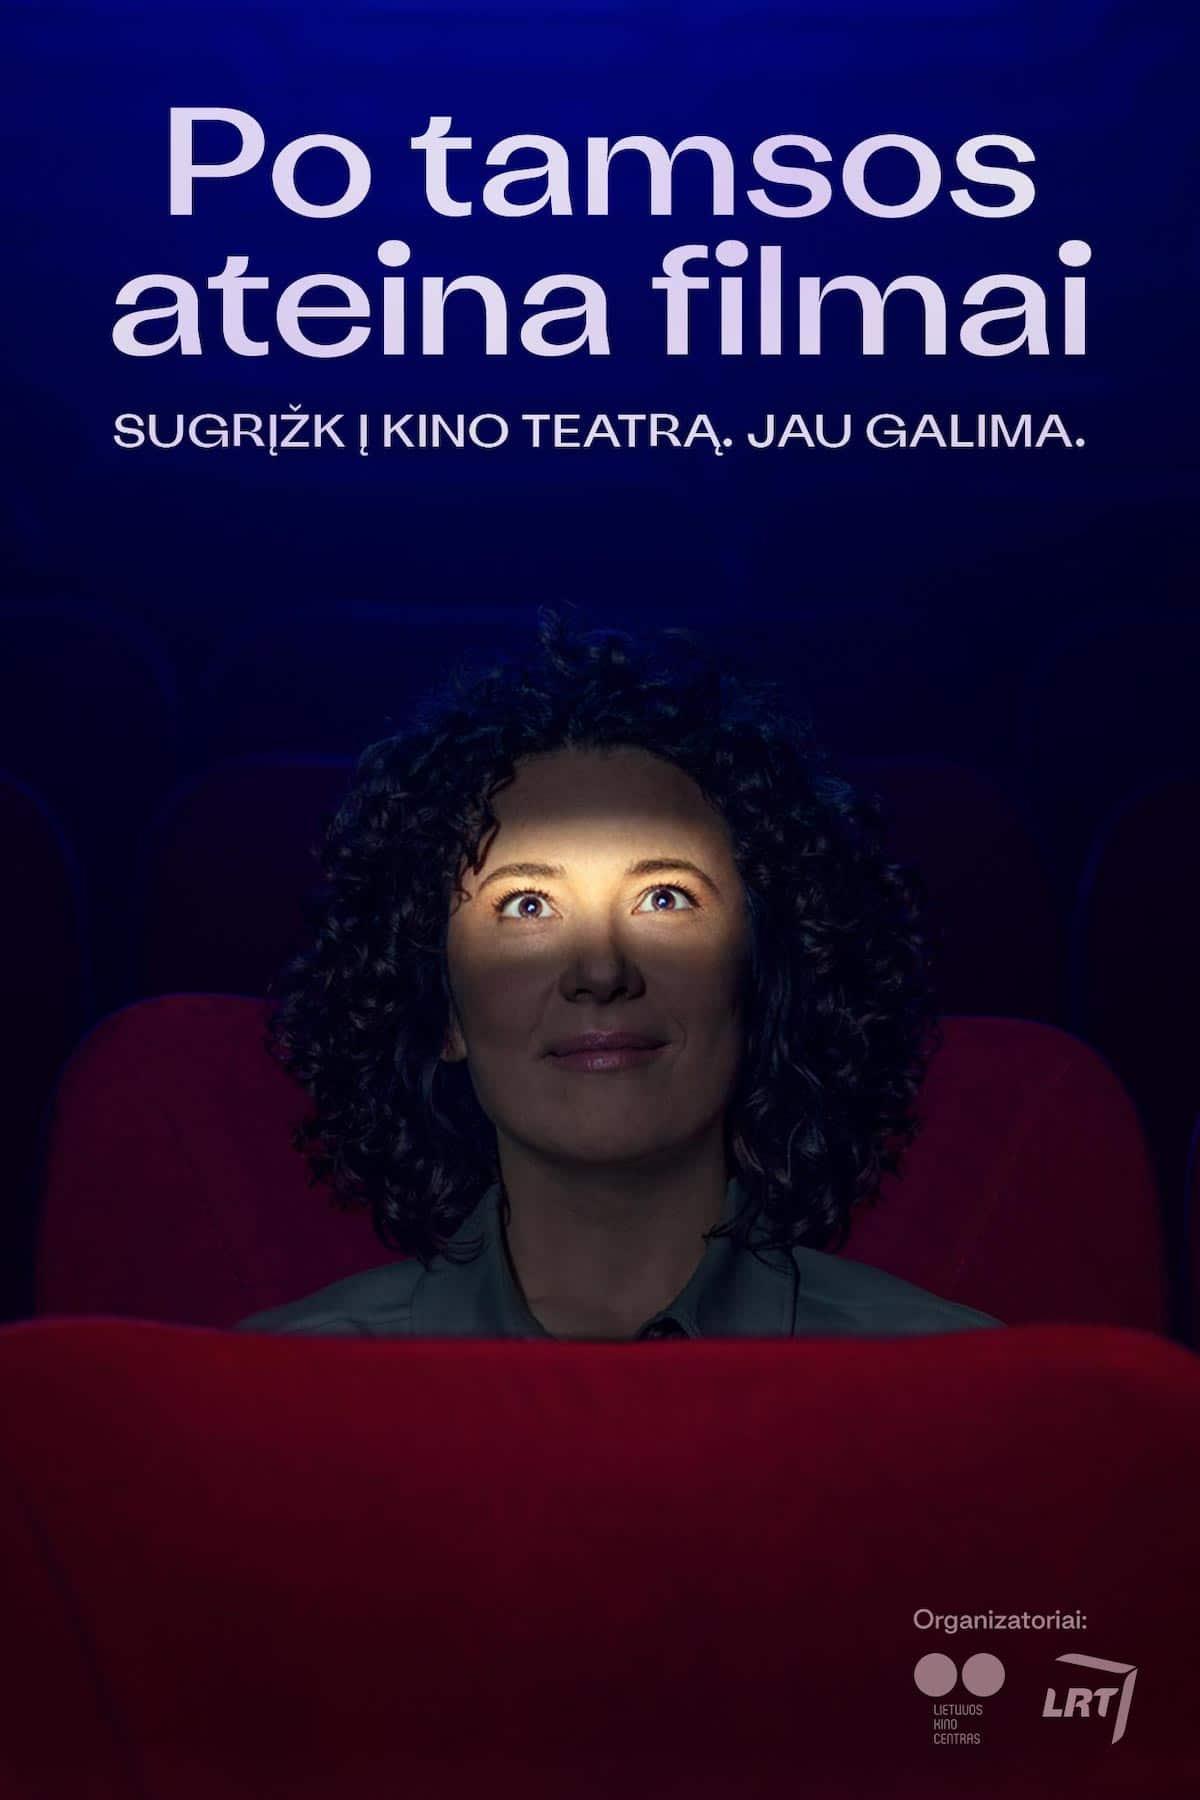 """Nacionalinė kampanija """"Po tamsos ateina filmai"""" kviečia žiūrovus sugrįžti į kino teatrus"""